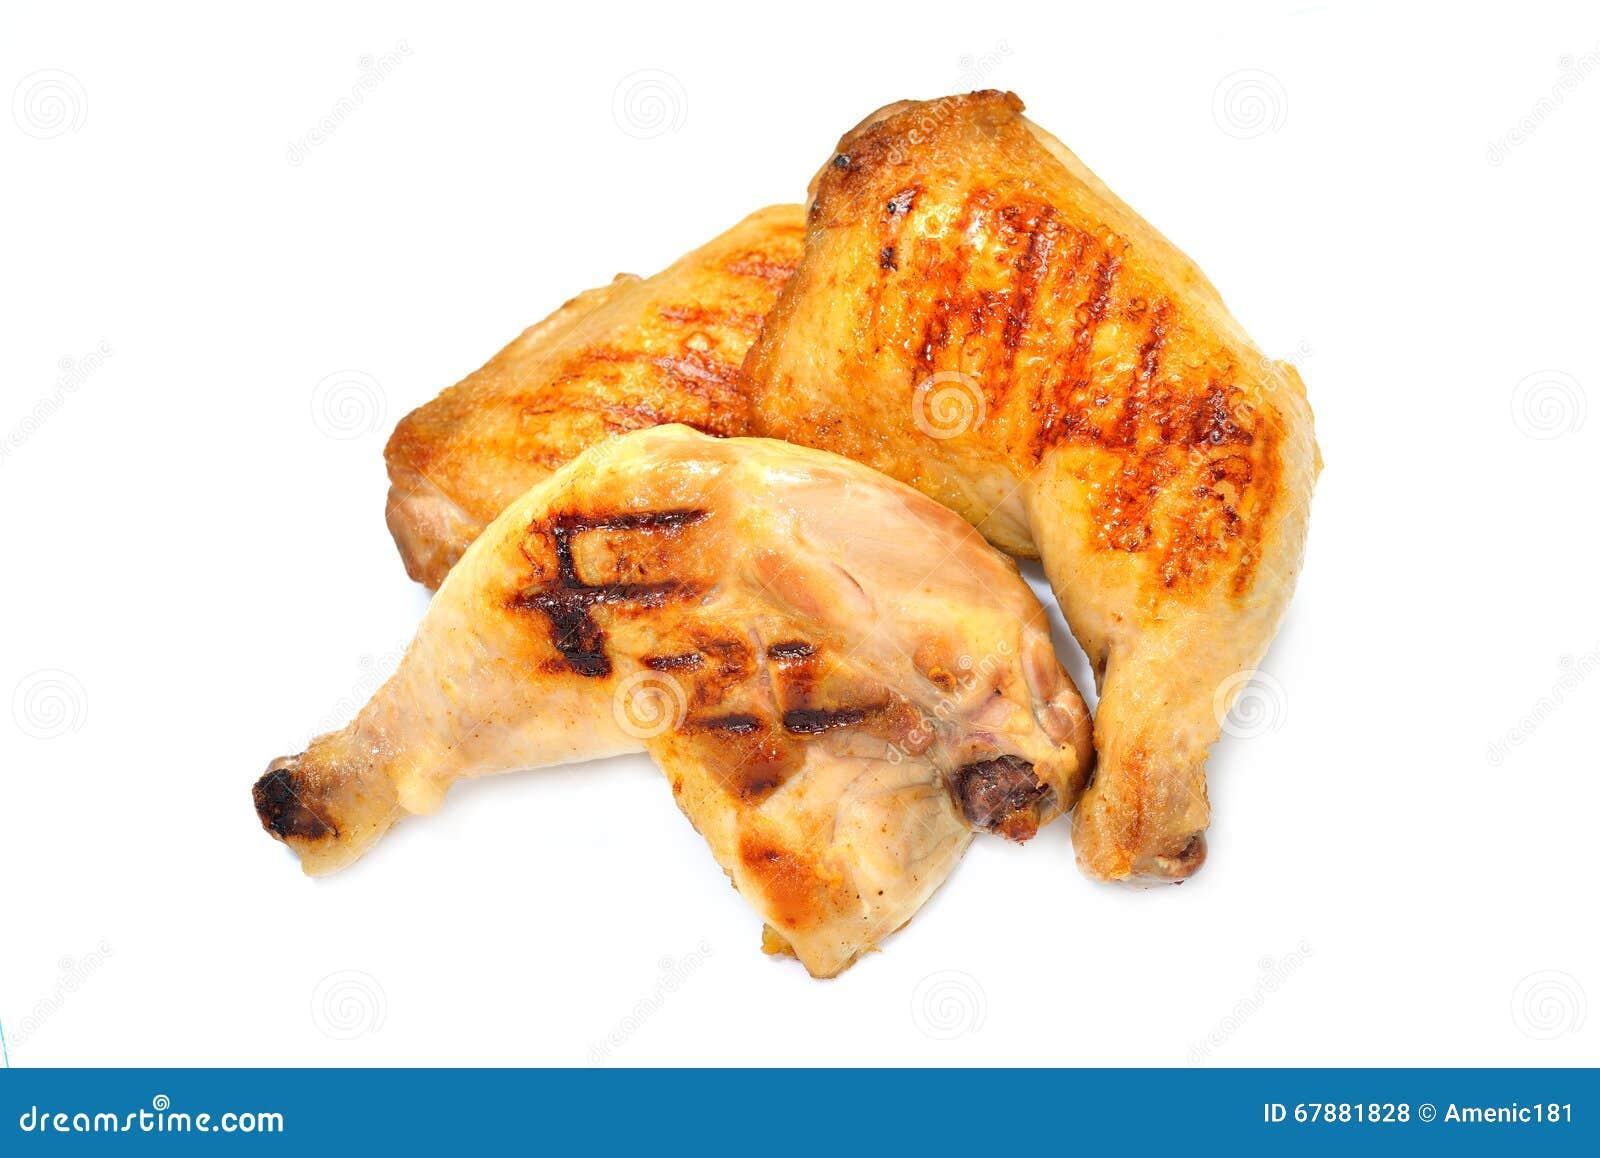 鸡烤了大腿